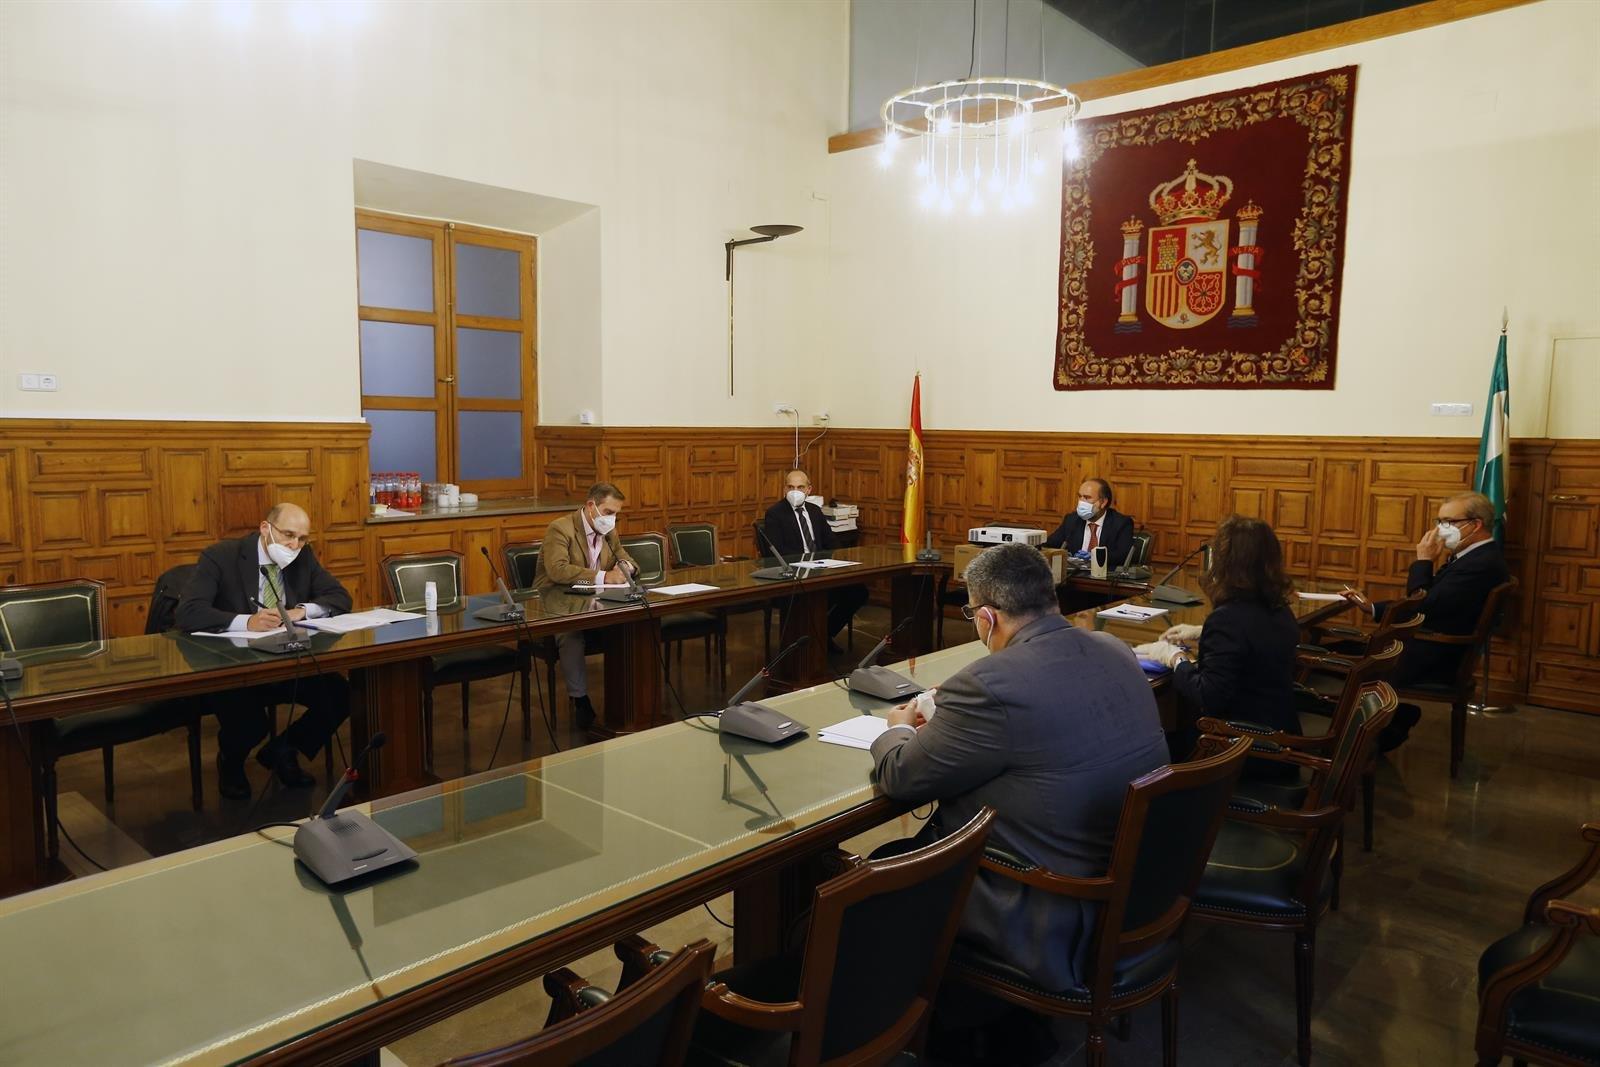 Operadores jurídicos preparan la reactivación del sistema de Justicia en Granada